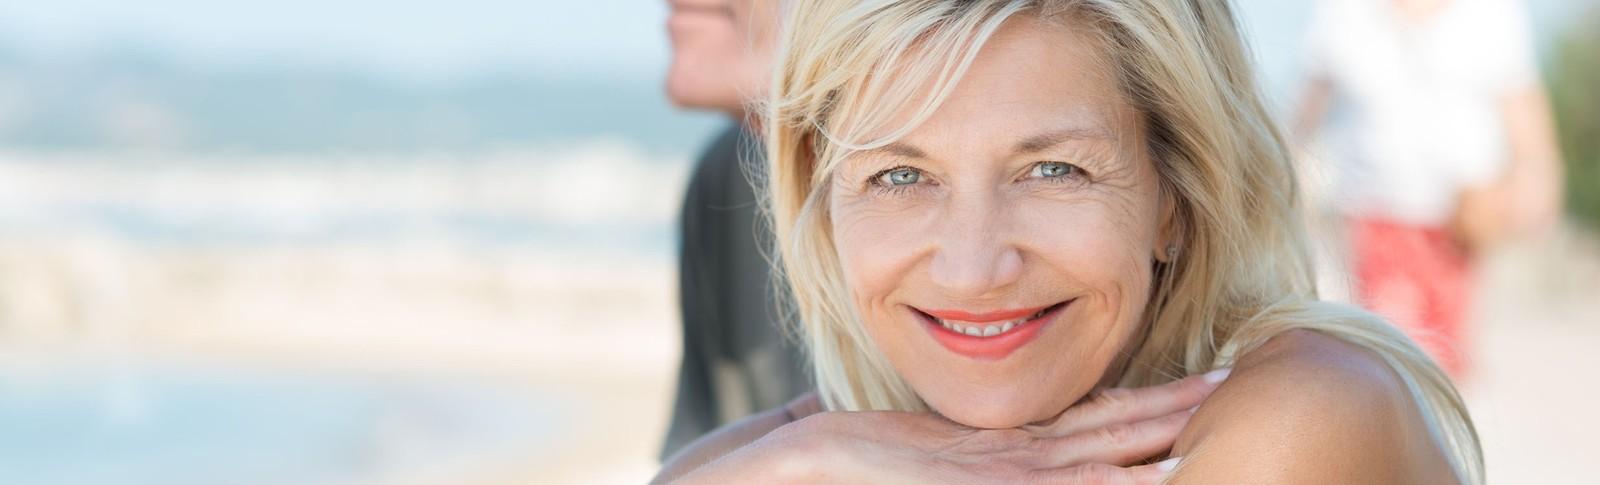 Frau freut sich über ihr natürliches Aussehen nach einem Facelift in den Moser Kliniken